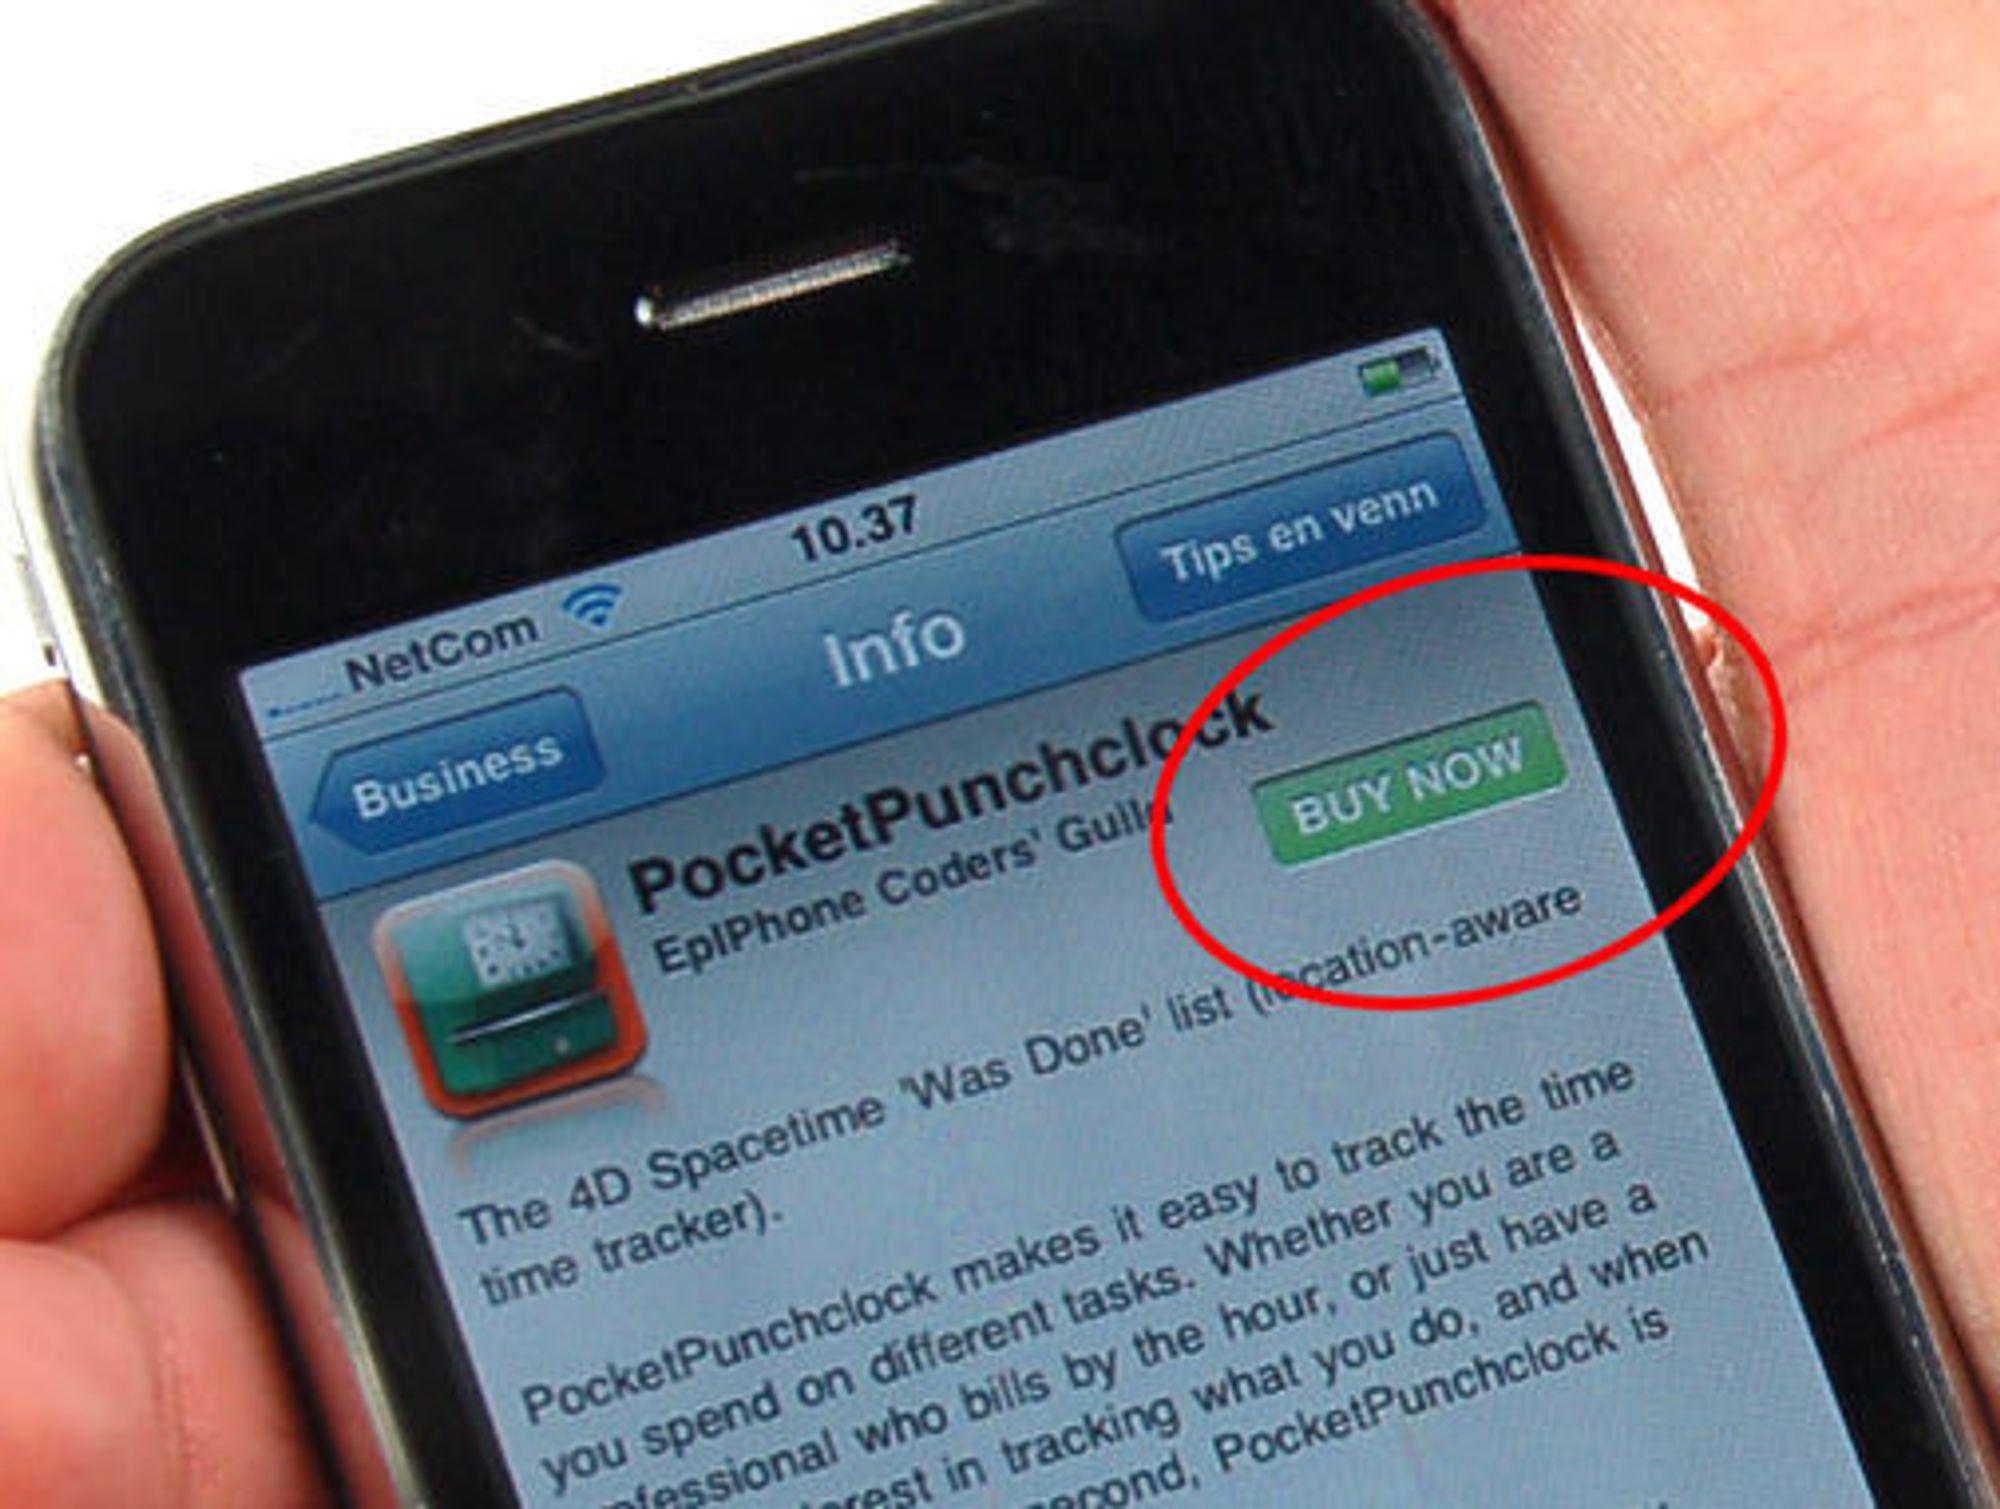 Apple App Store er tett integrert med iPhone. Kundene kan enkelt kjøpe applikasjoner med ett eneste klikk, både direkte på mobilen og gjennom iTunes på PC-en.